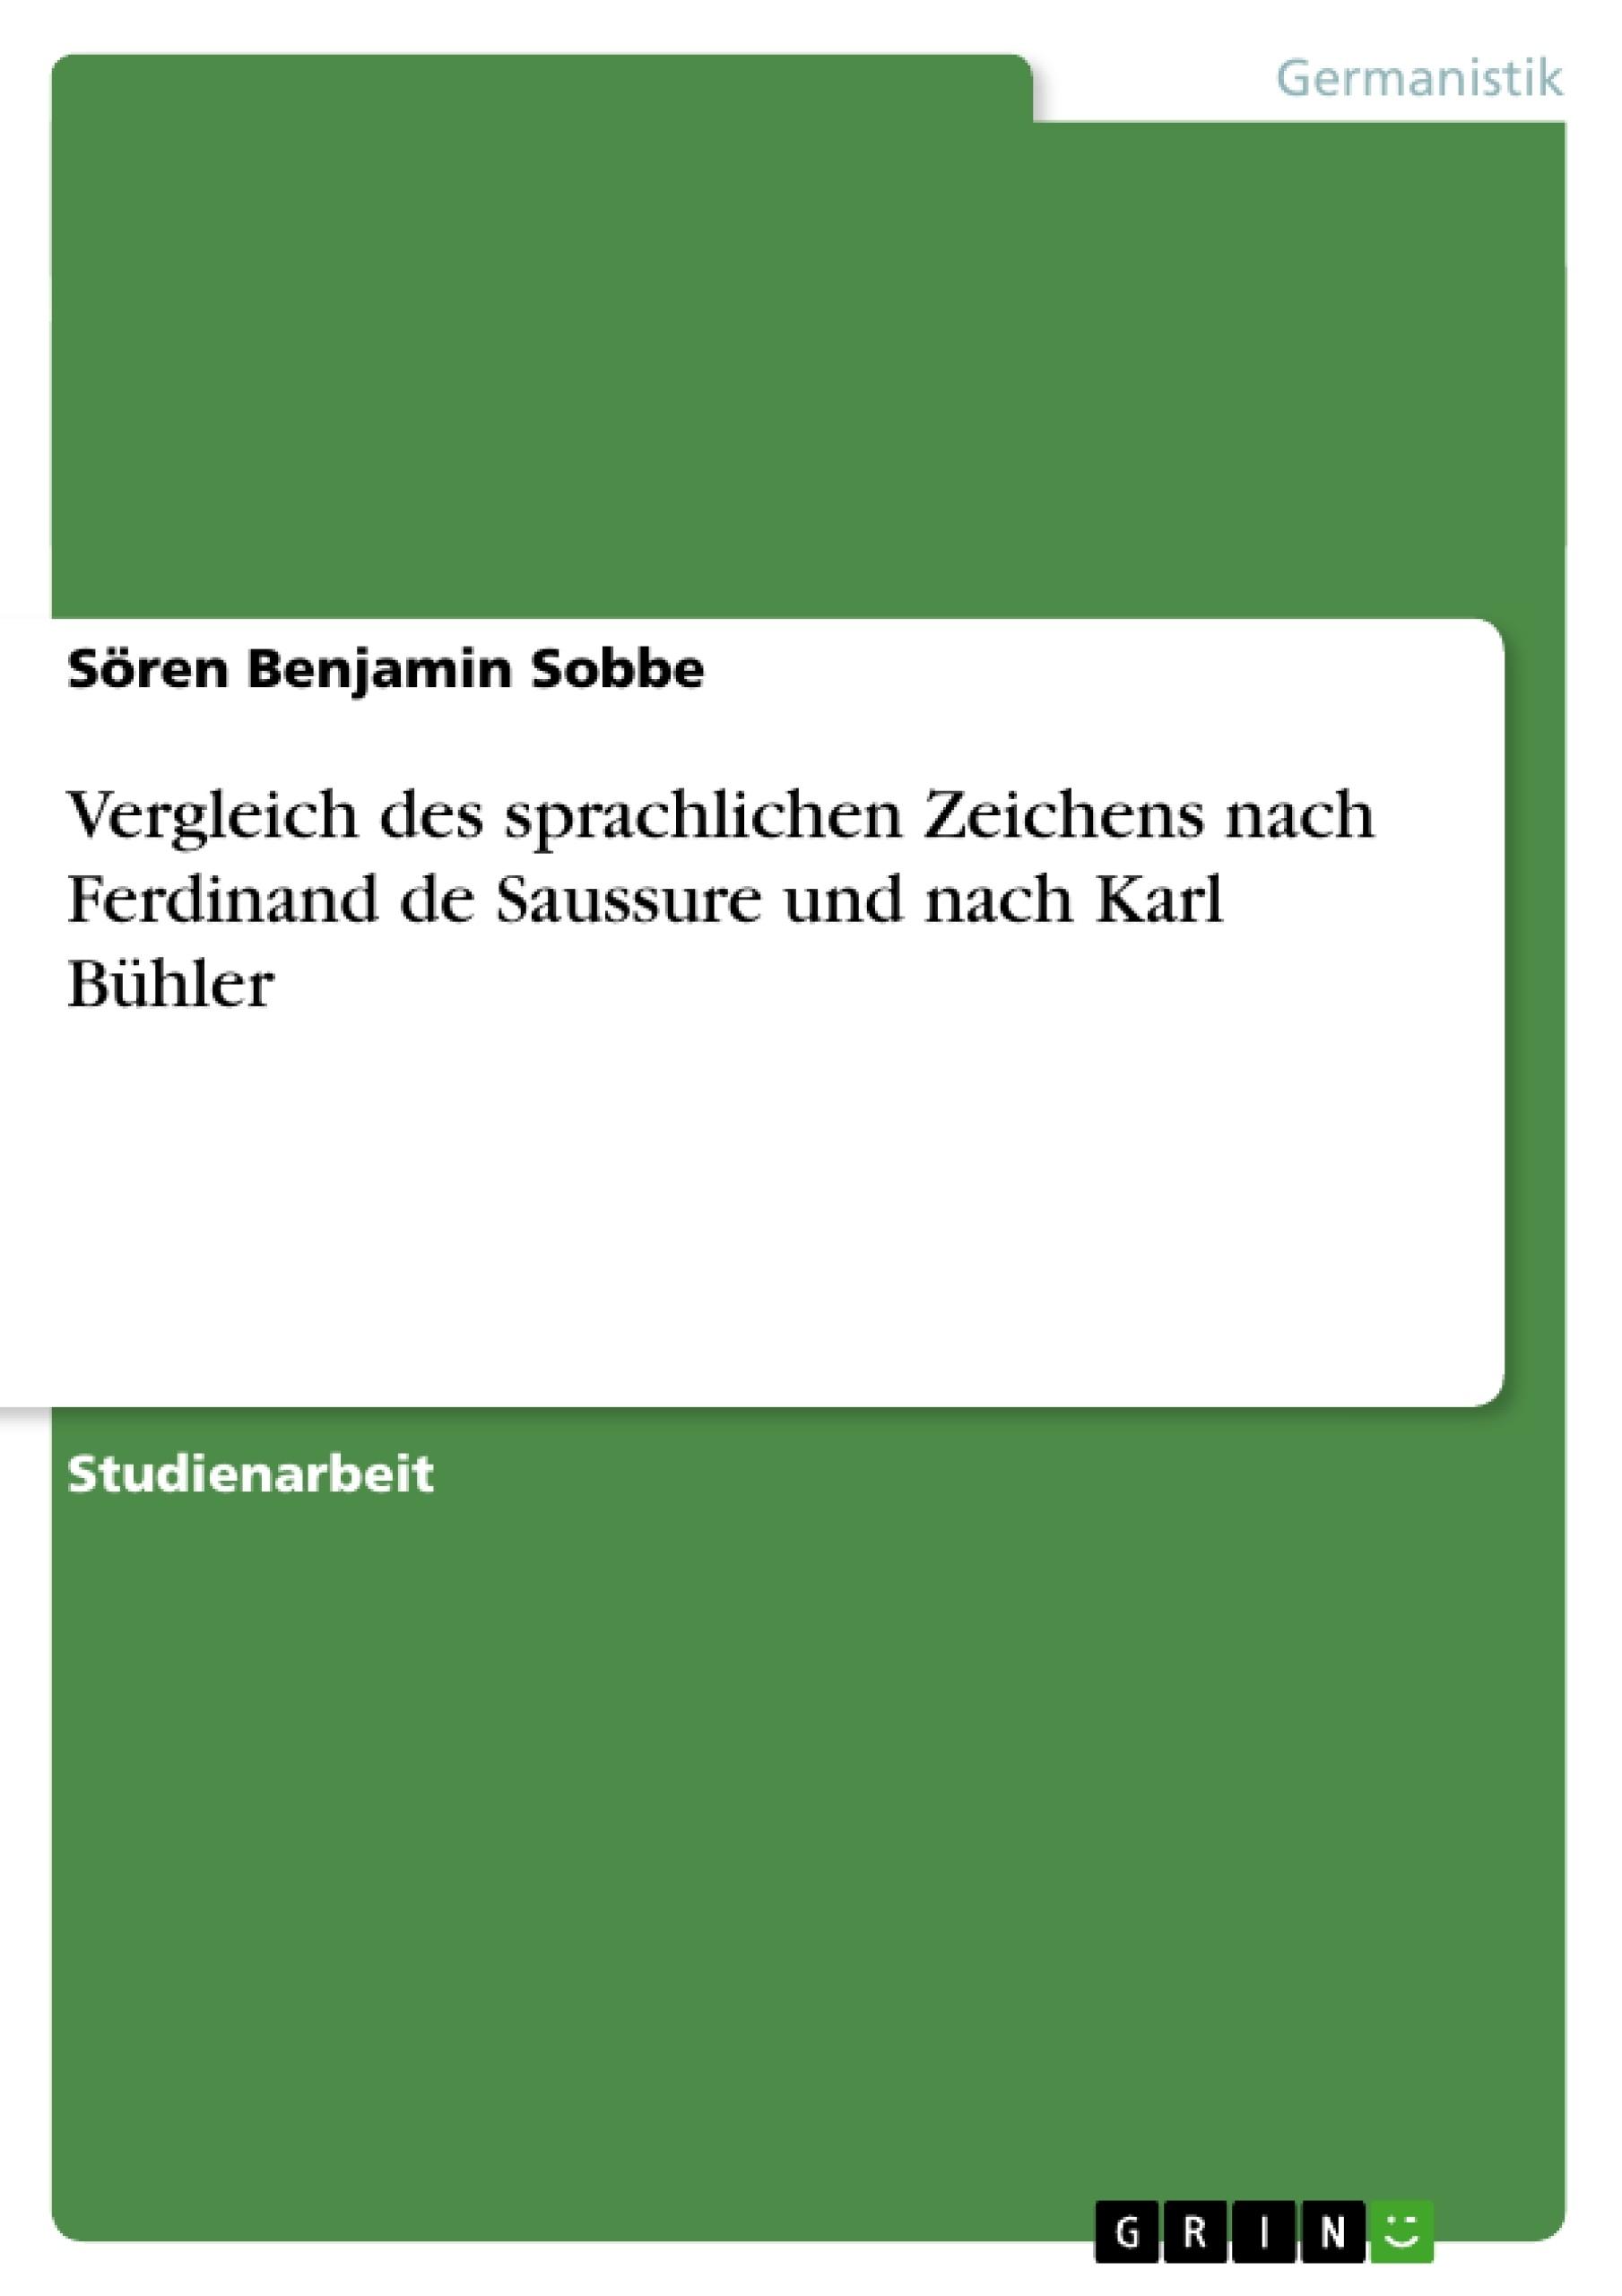 Titel: Vergleich des sprachlichen Zeichens nach Ferdinand de Saussure und nach Karl Bühler